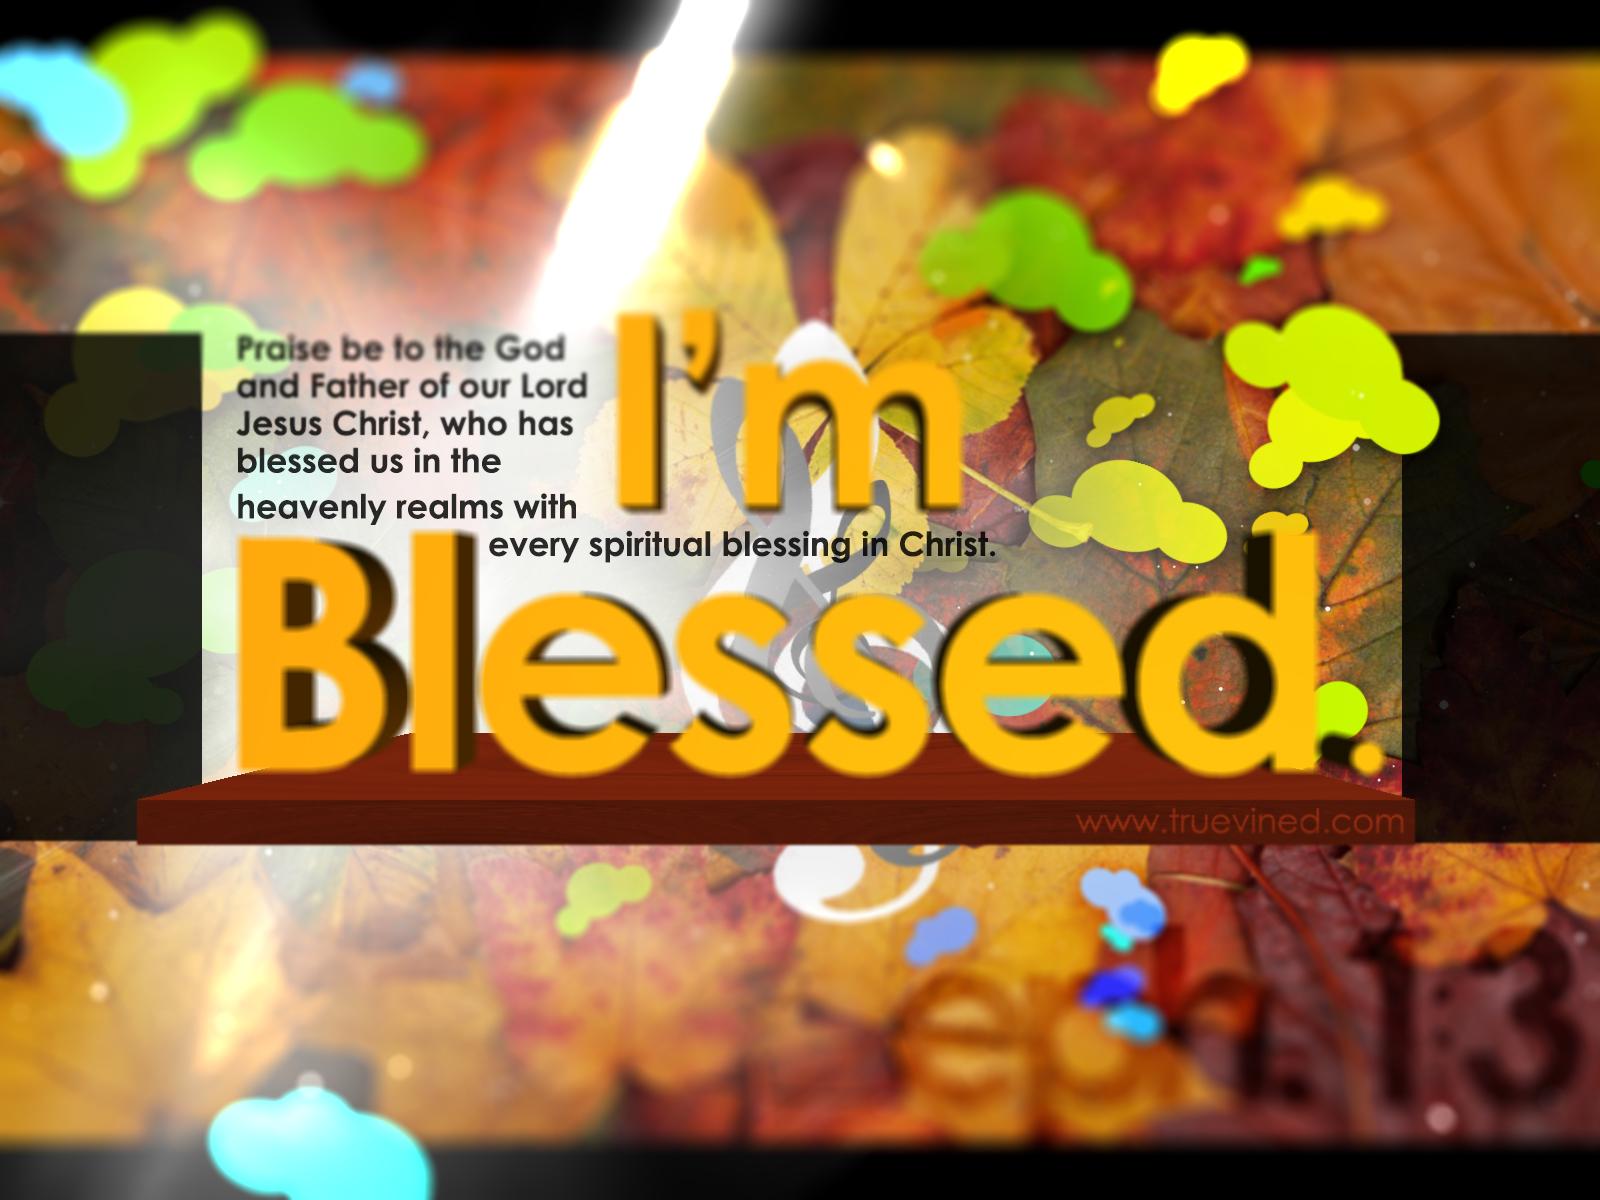 http://2.bp.blogspot.com/-NgqsuAAdVuY/UAADw07t5SI/AAAAAAAABZM/0OnH6-6QyiI/s1600/I\'m%2BBlessed.jpg